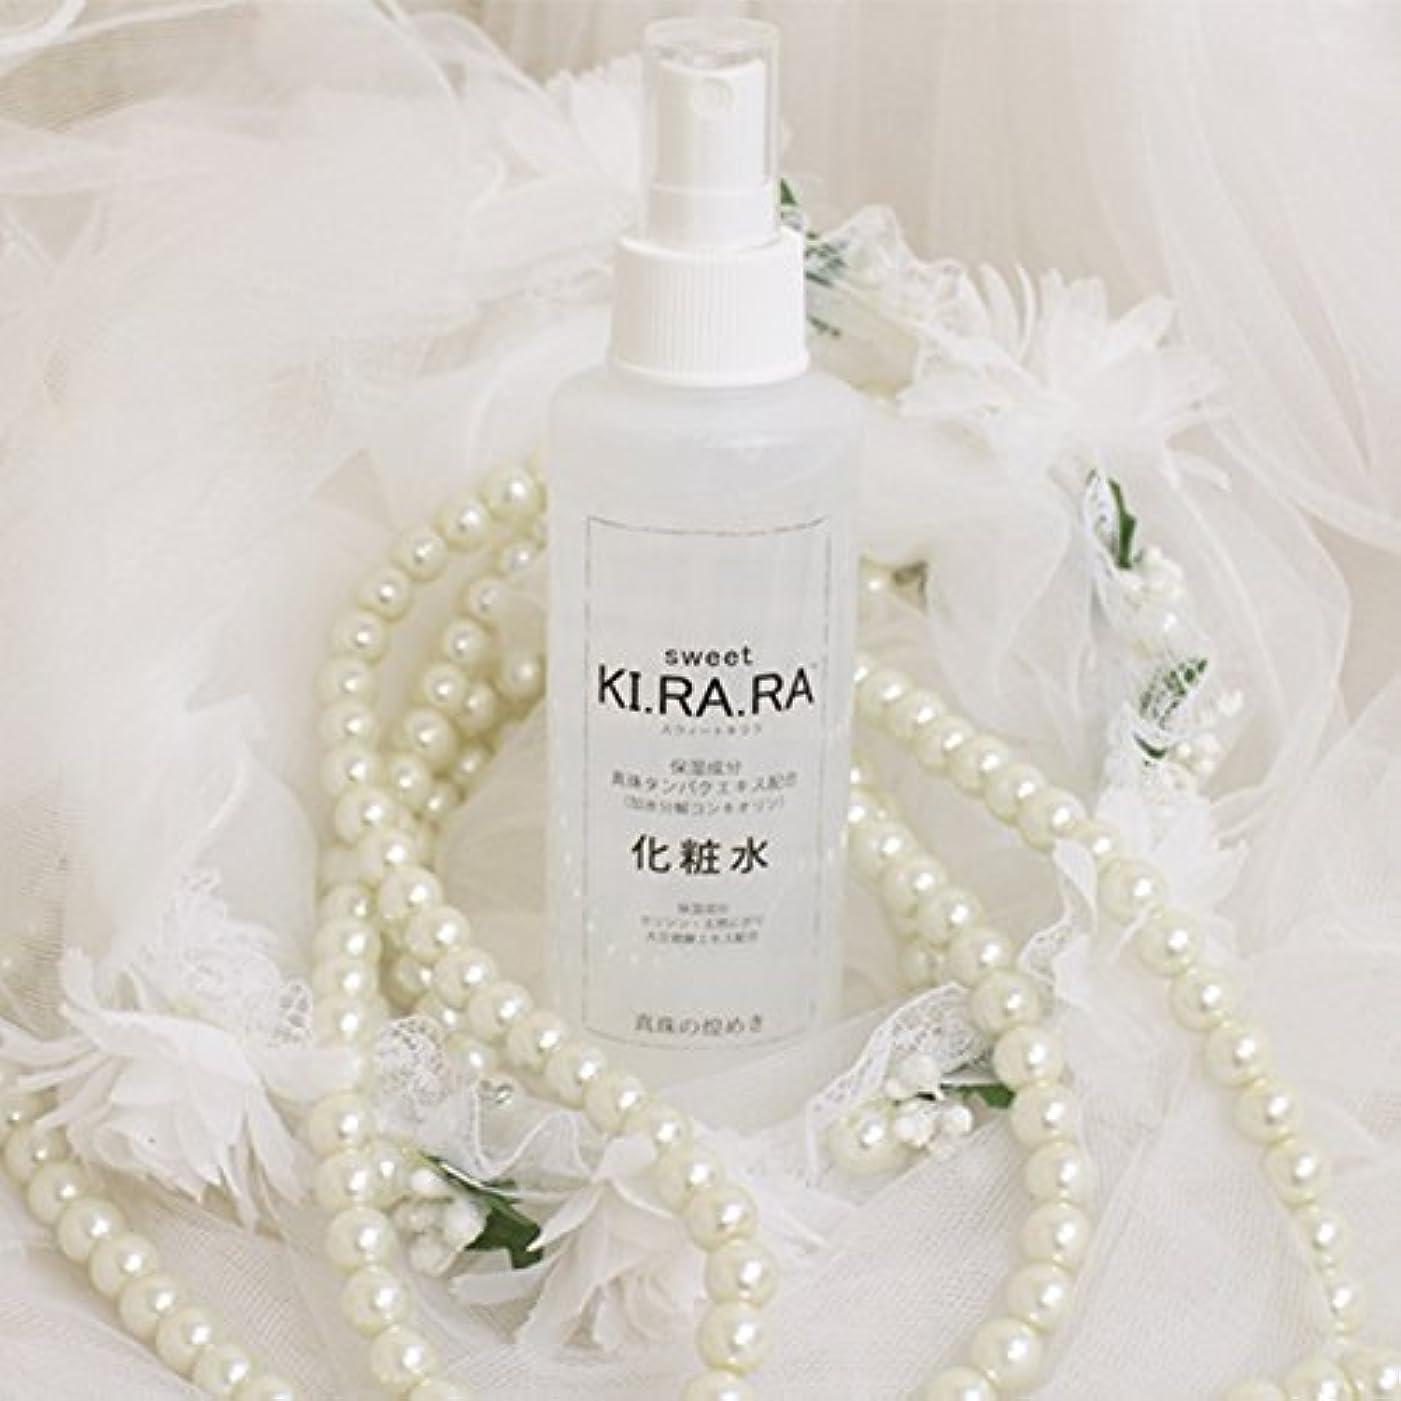 ビジョンハントミュージカルsweet KI.RA.RA スウィートキララ 化粧水 ナチュラルローション 真珠タンパクエキス配合 150ml